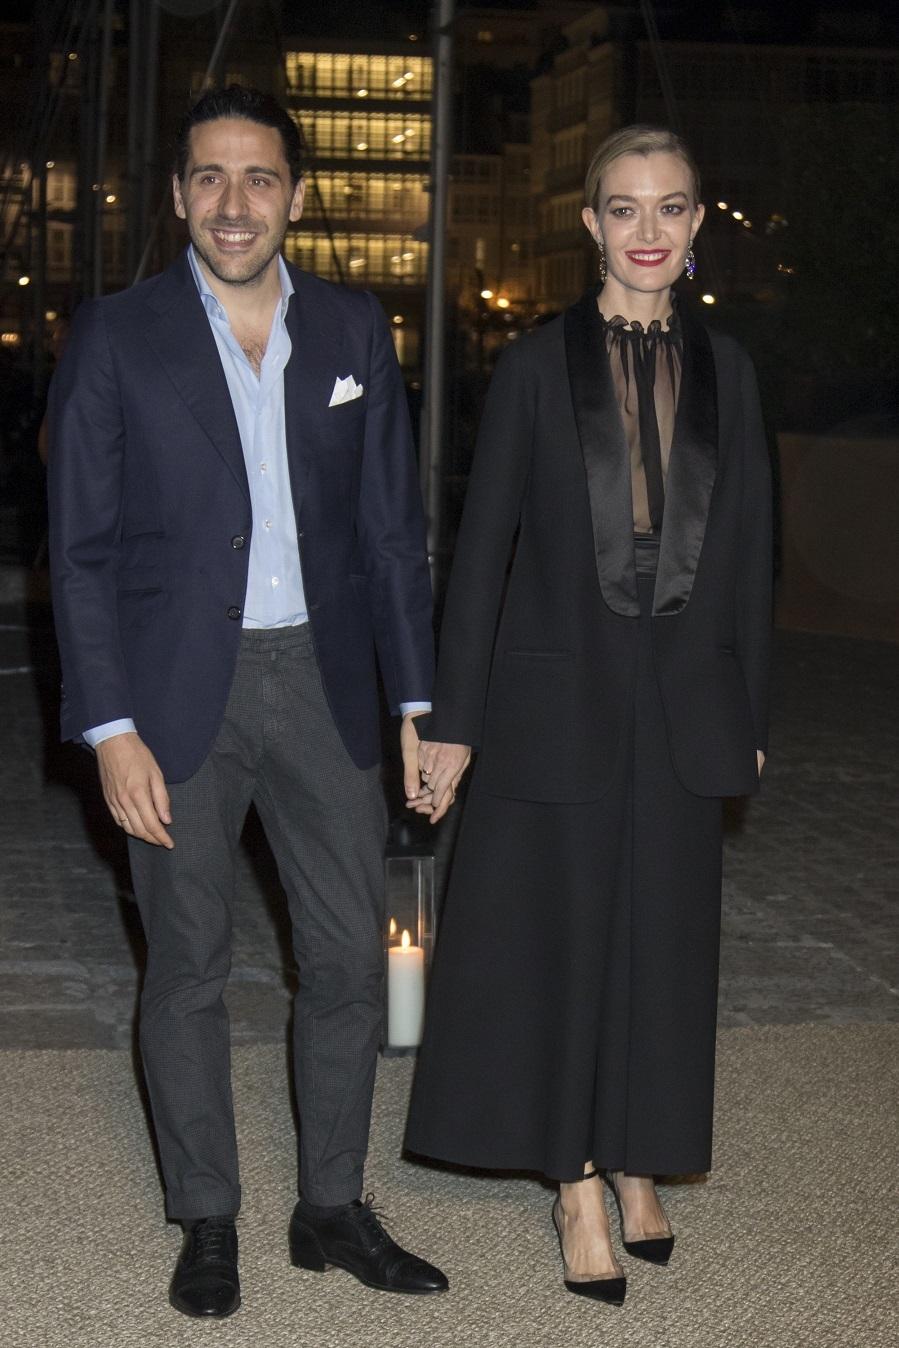 Marta Ortega y Carlos Torretta en la cena posterior al enlace civil